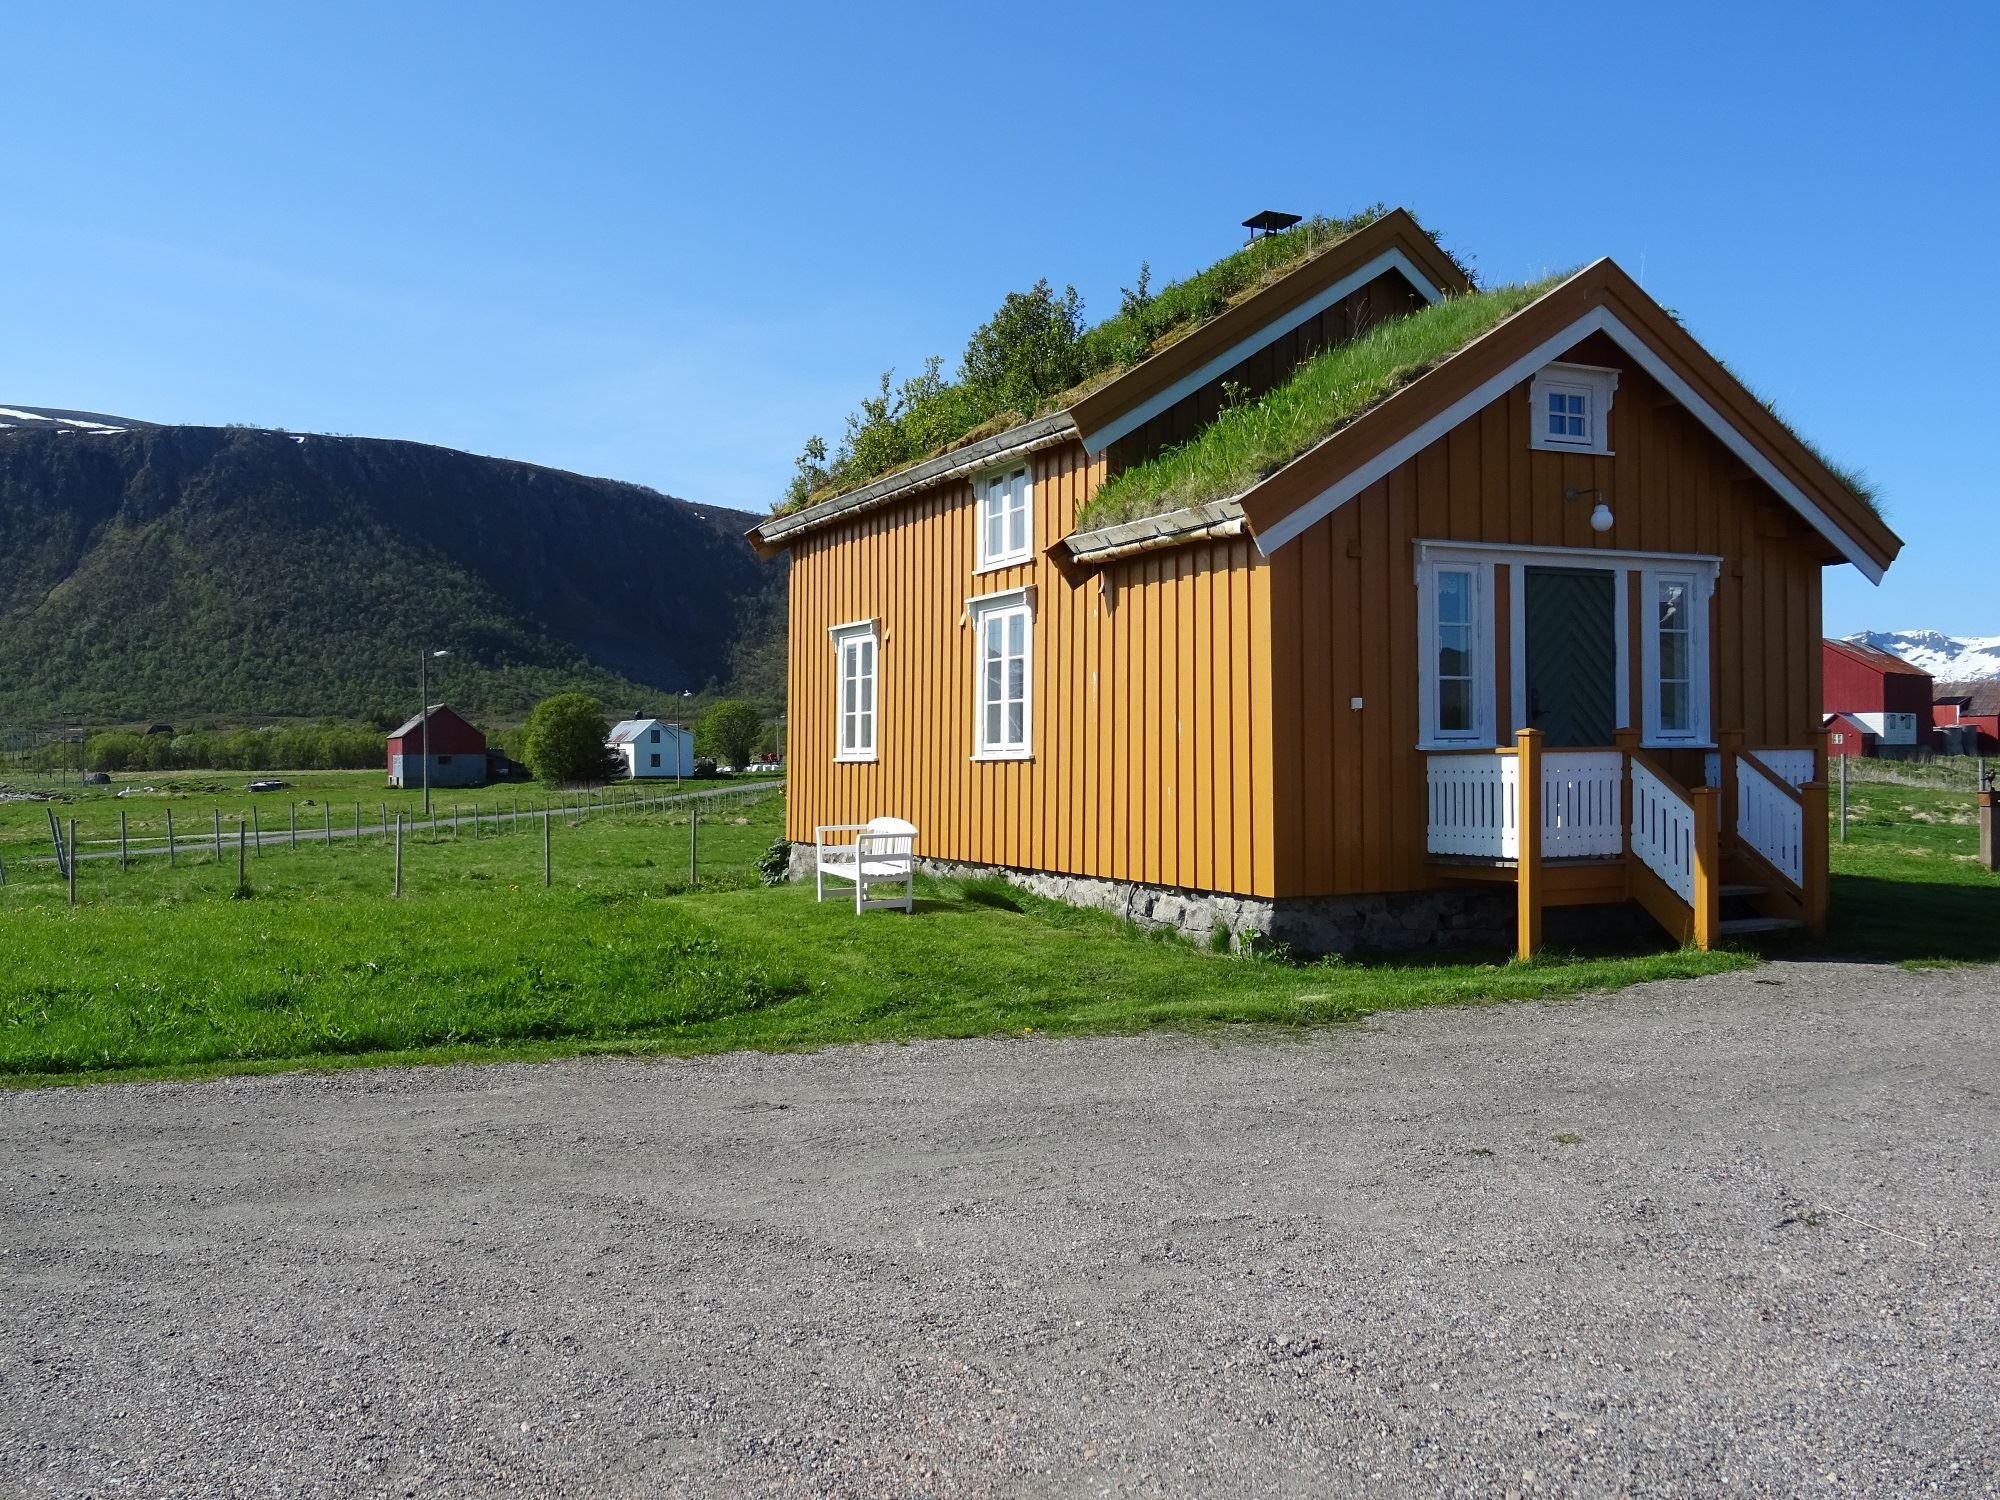 Loviktunet,  © Loviktunet, Det Gule Hus, Lovik, Andøy, Vesterålen